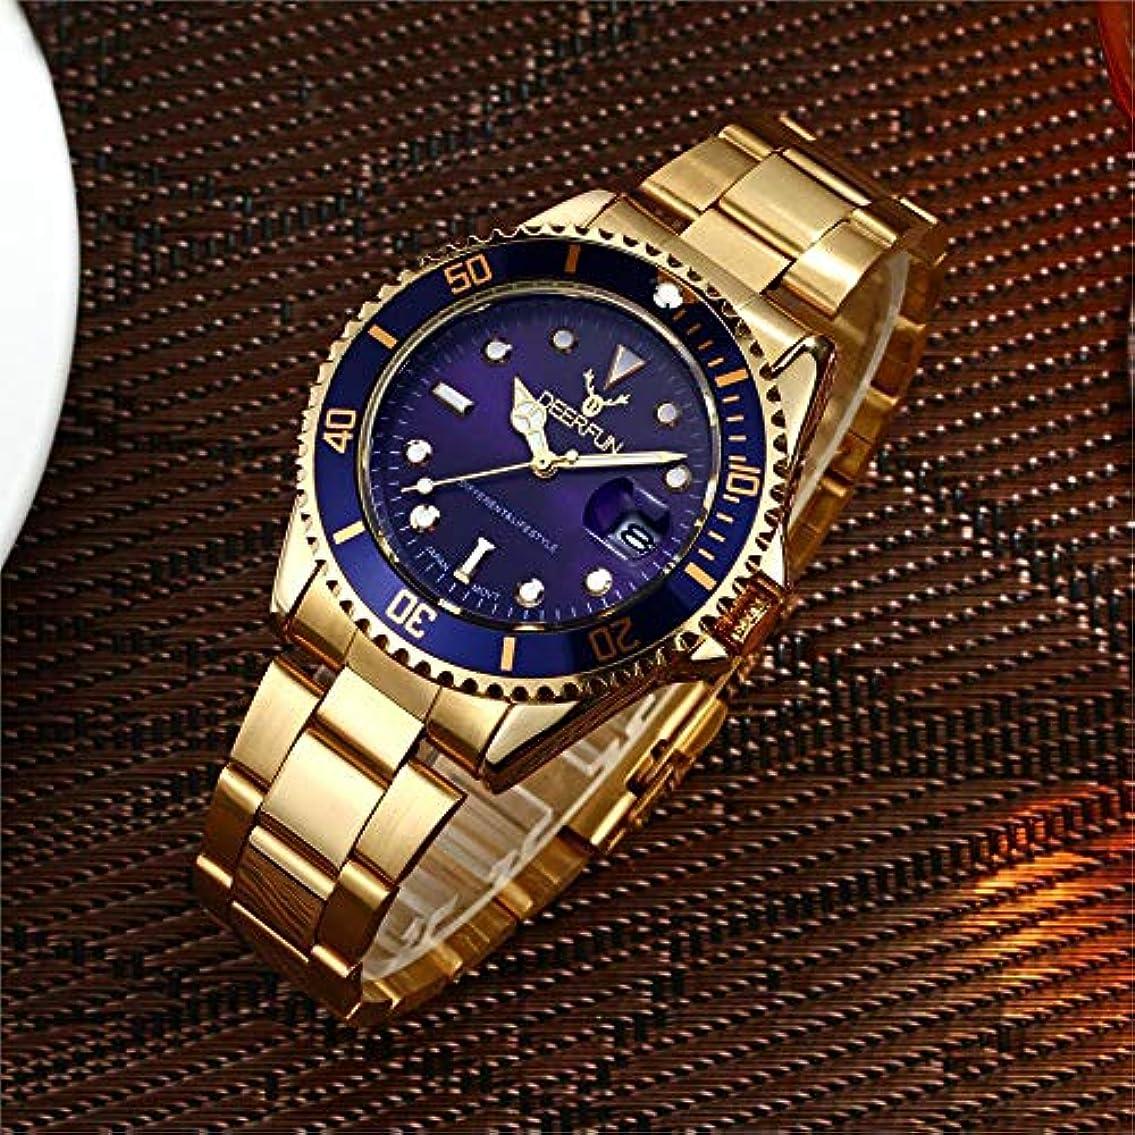 テクスチャーシャックルレッスン防水腕時計メンズ高級ブランドカジュアルステンレススチールスポーツ腕時計クォーツ腕時計メンズ腕時計 (L)